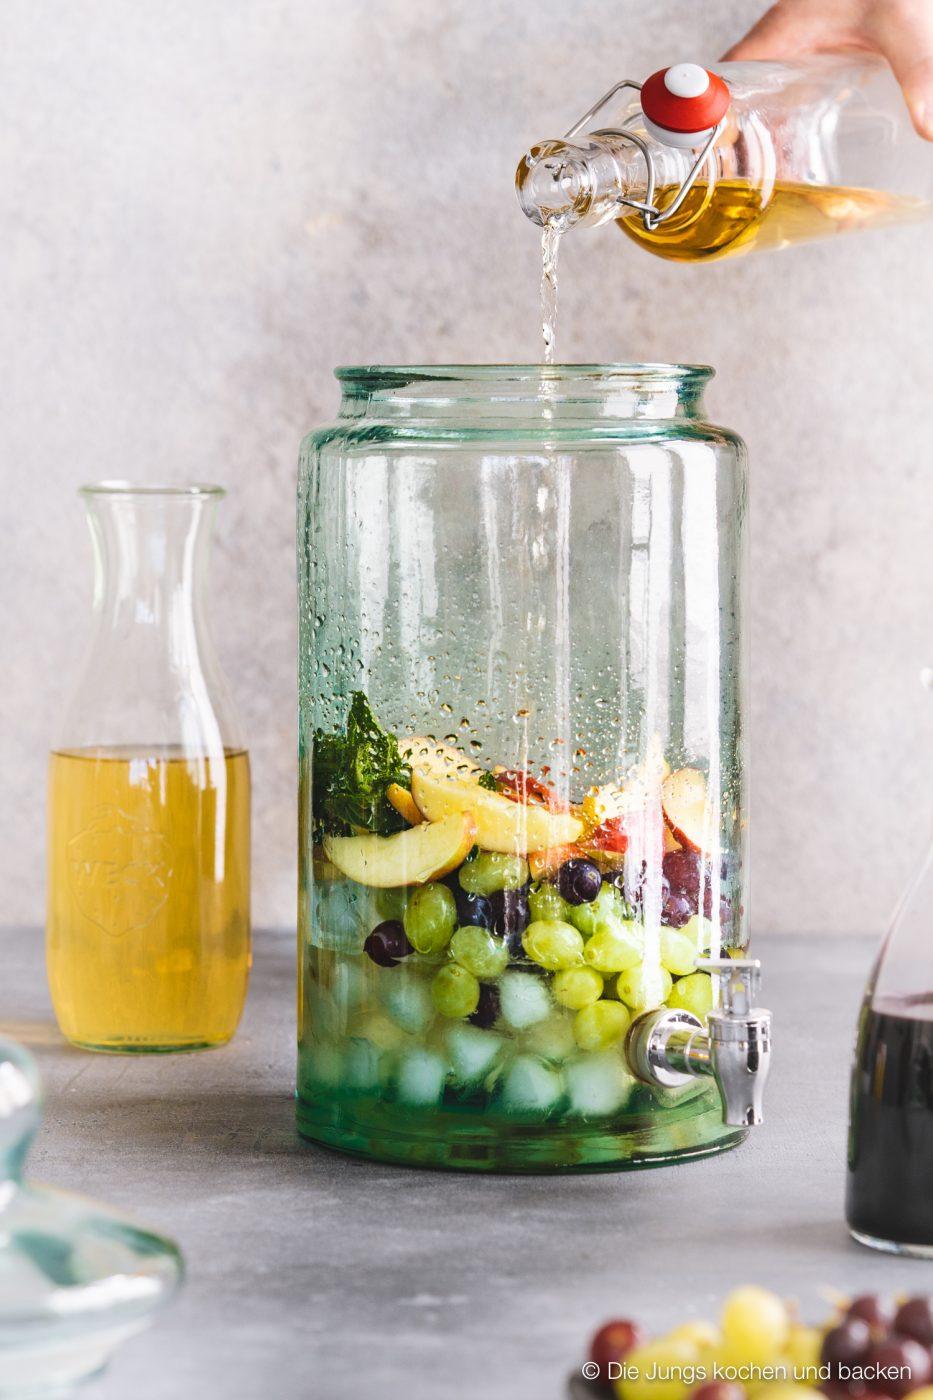 Bowle Saft 2 | Heute haben wir eine wunderbar fruchtige Bowle für euch dabei! Gerade an den warmen Tagen ist man doch für jede Abkühlung dankbar, oder? Aber warum irgendetwas trinken?! Eine erfrischende, alkoholfreie Bowle bringt euch perfekt durch den Tag. Deswegen solltet ihr unbedingt unsere Apfel-Trauben-Bowle mit Ginger Ale und Holunderbeere probieren.